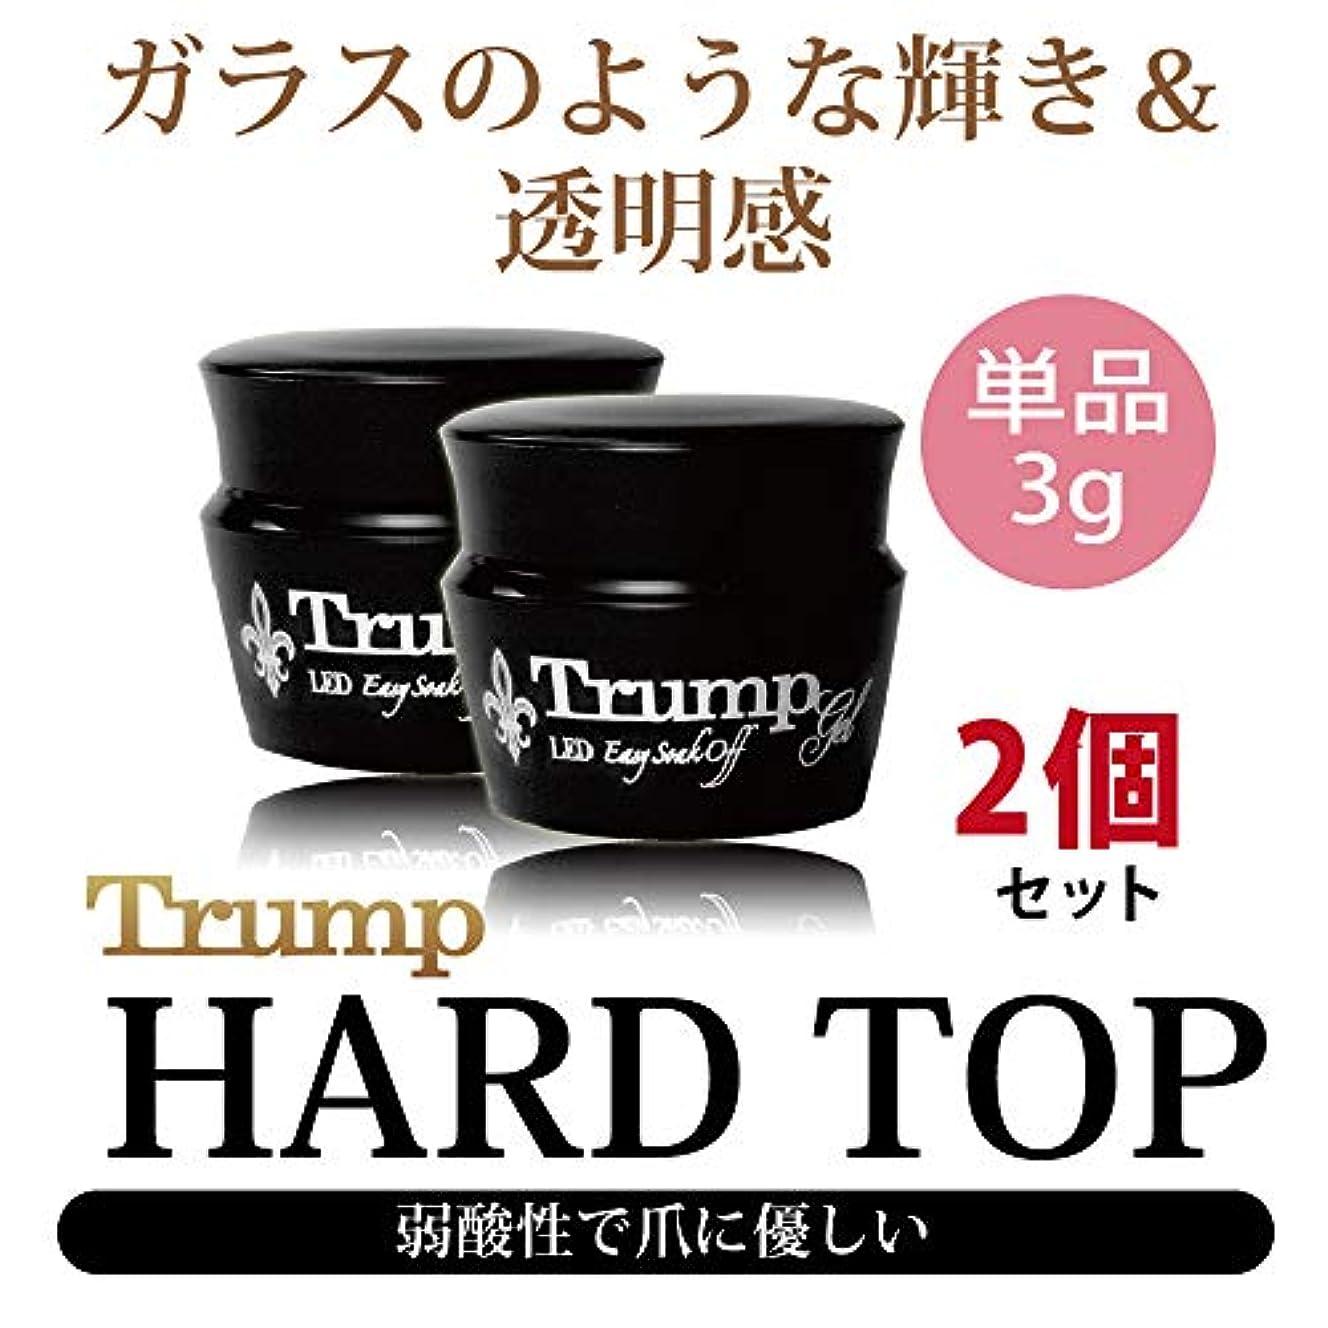 テセウス通り銀河Trump gel ハードクリアージェル 3g 2個セット